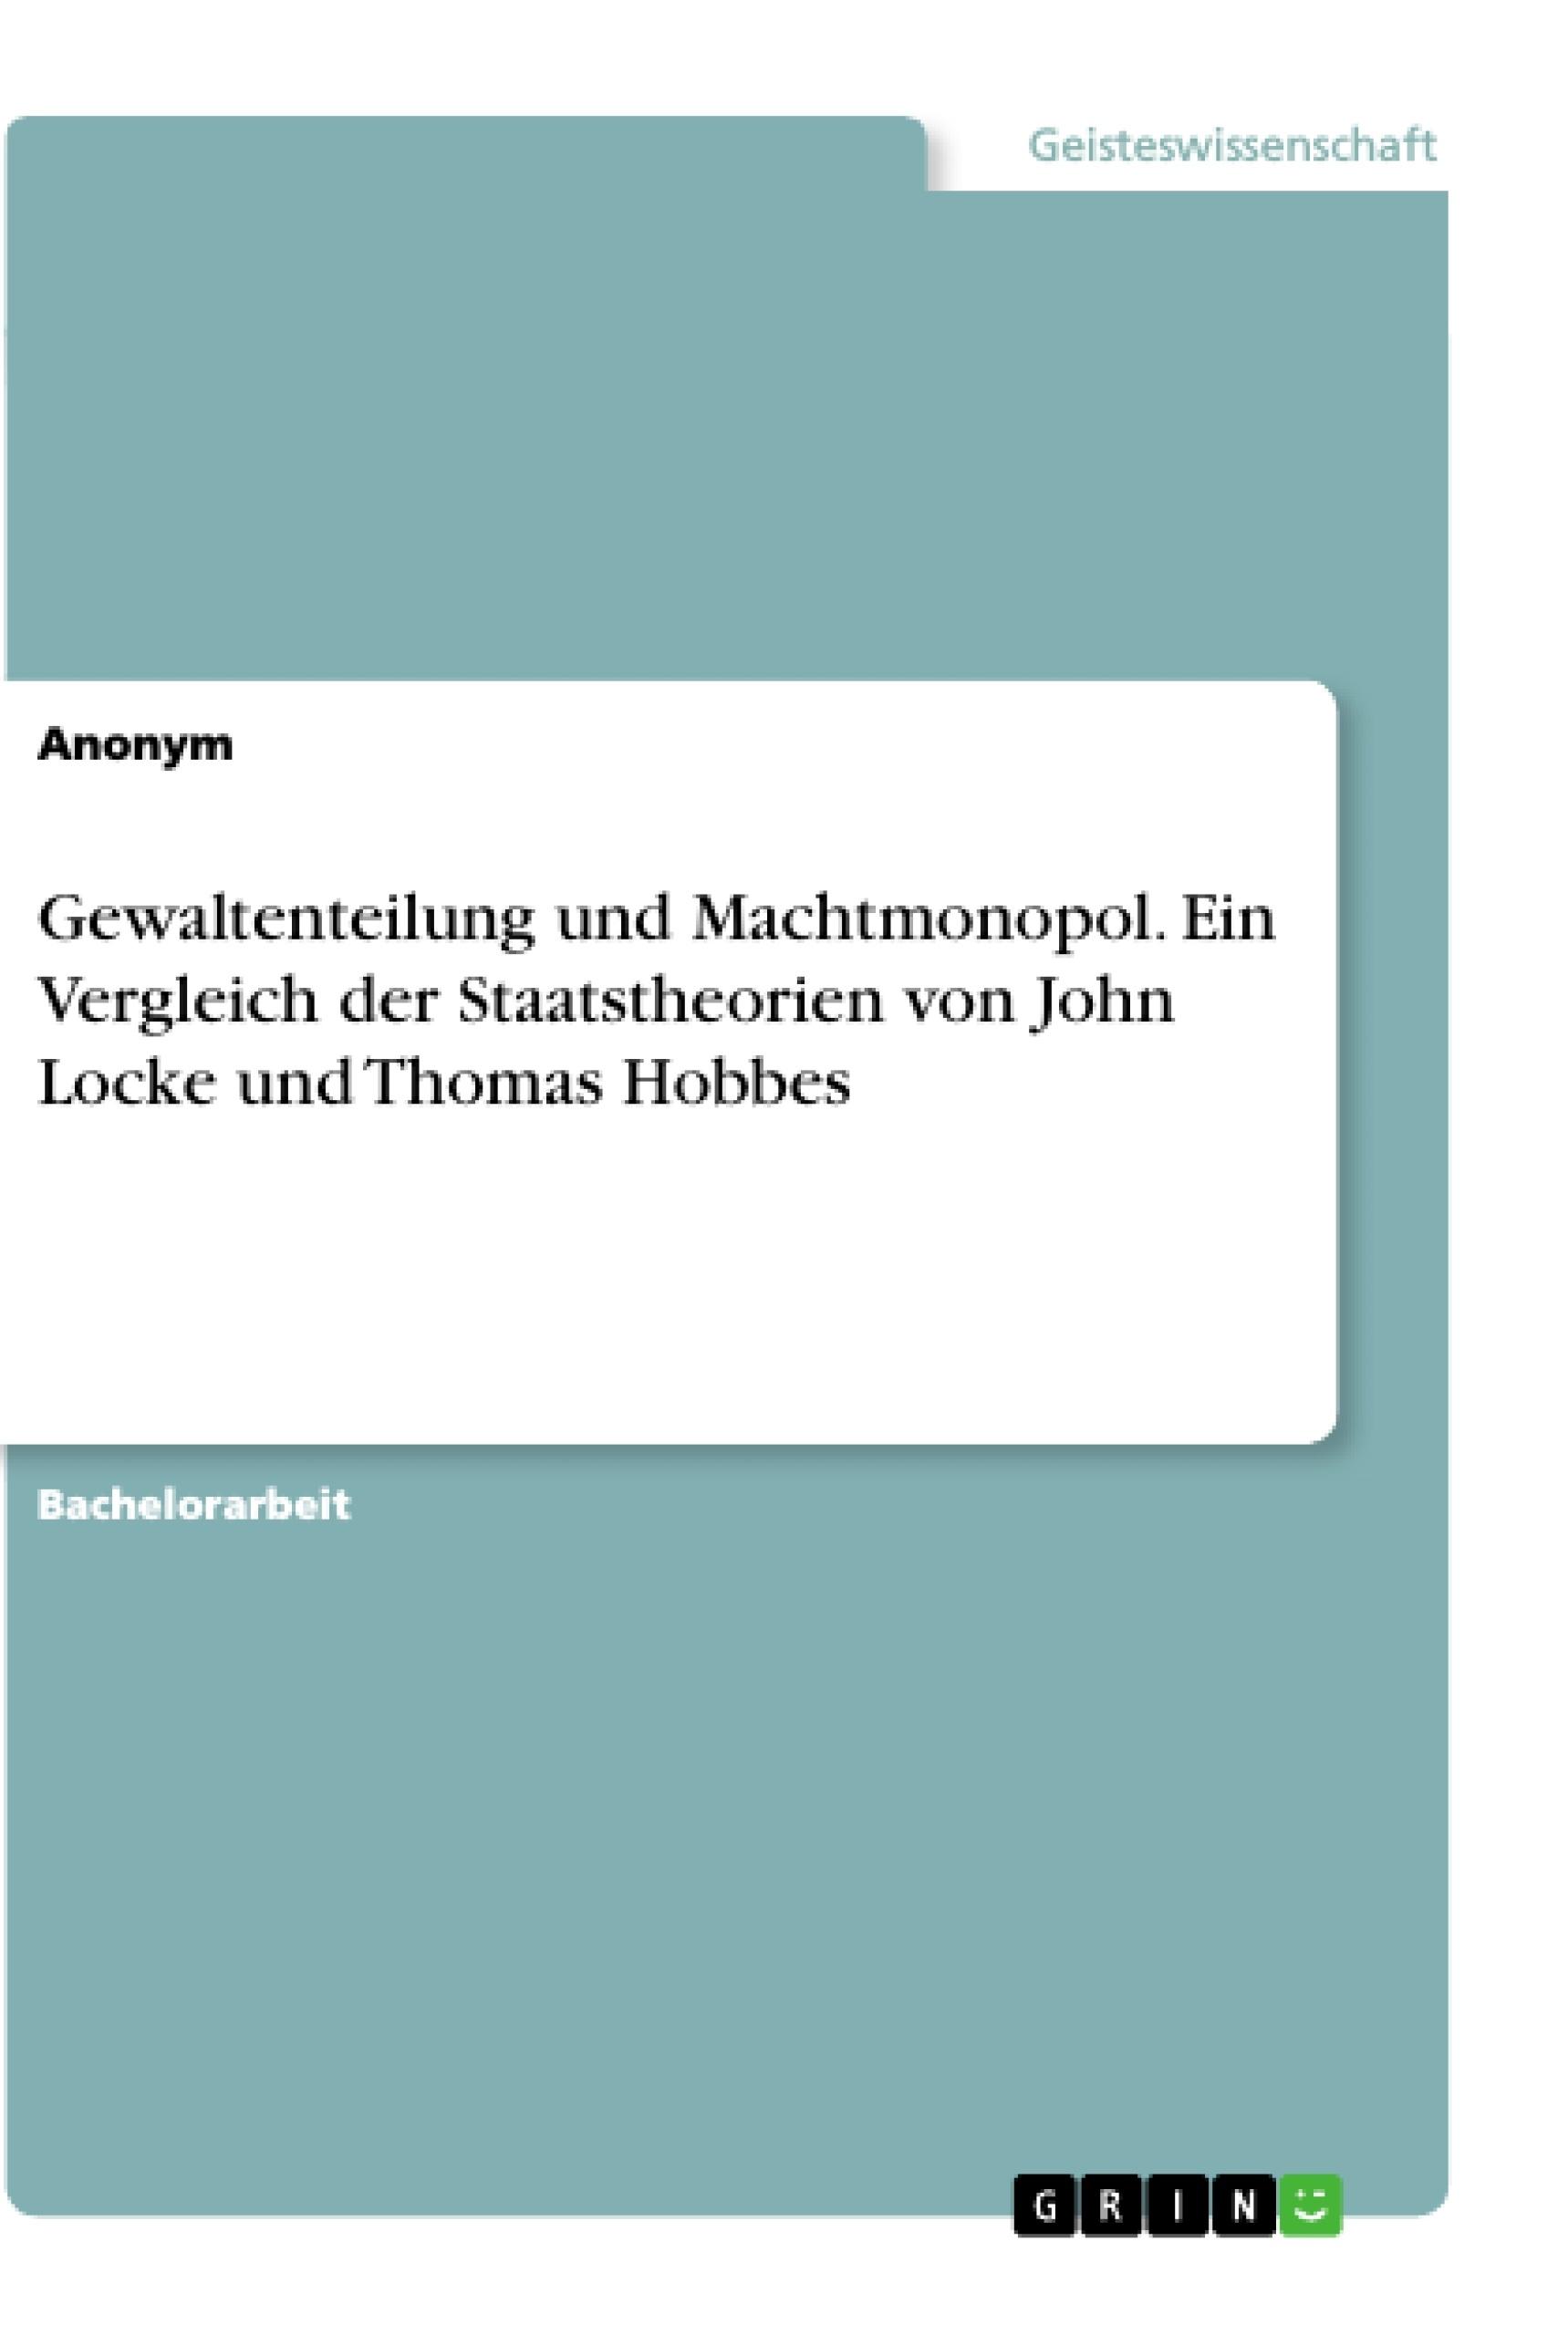 Titel: Gewaltenteilung und Machtmonopol. Ein Vergleich der Staatstheorien von John Locke und Thomas Hobbes